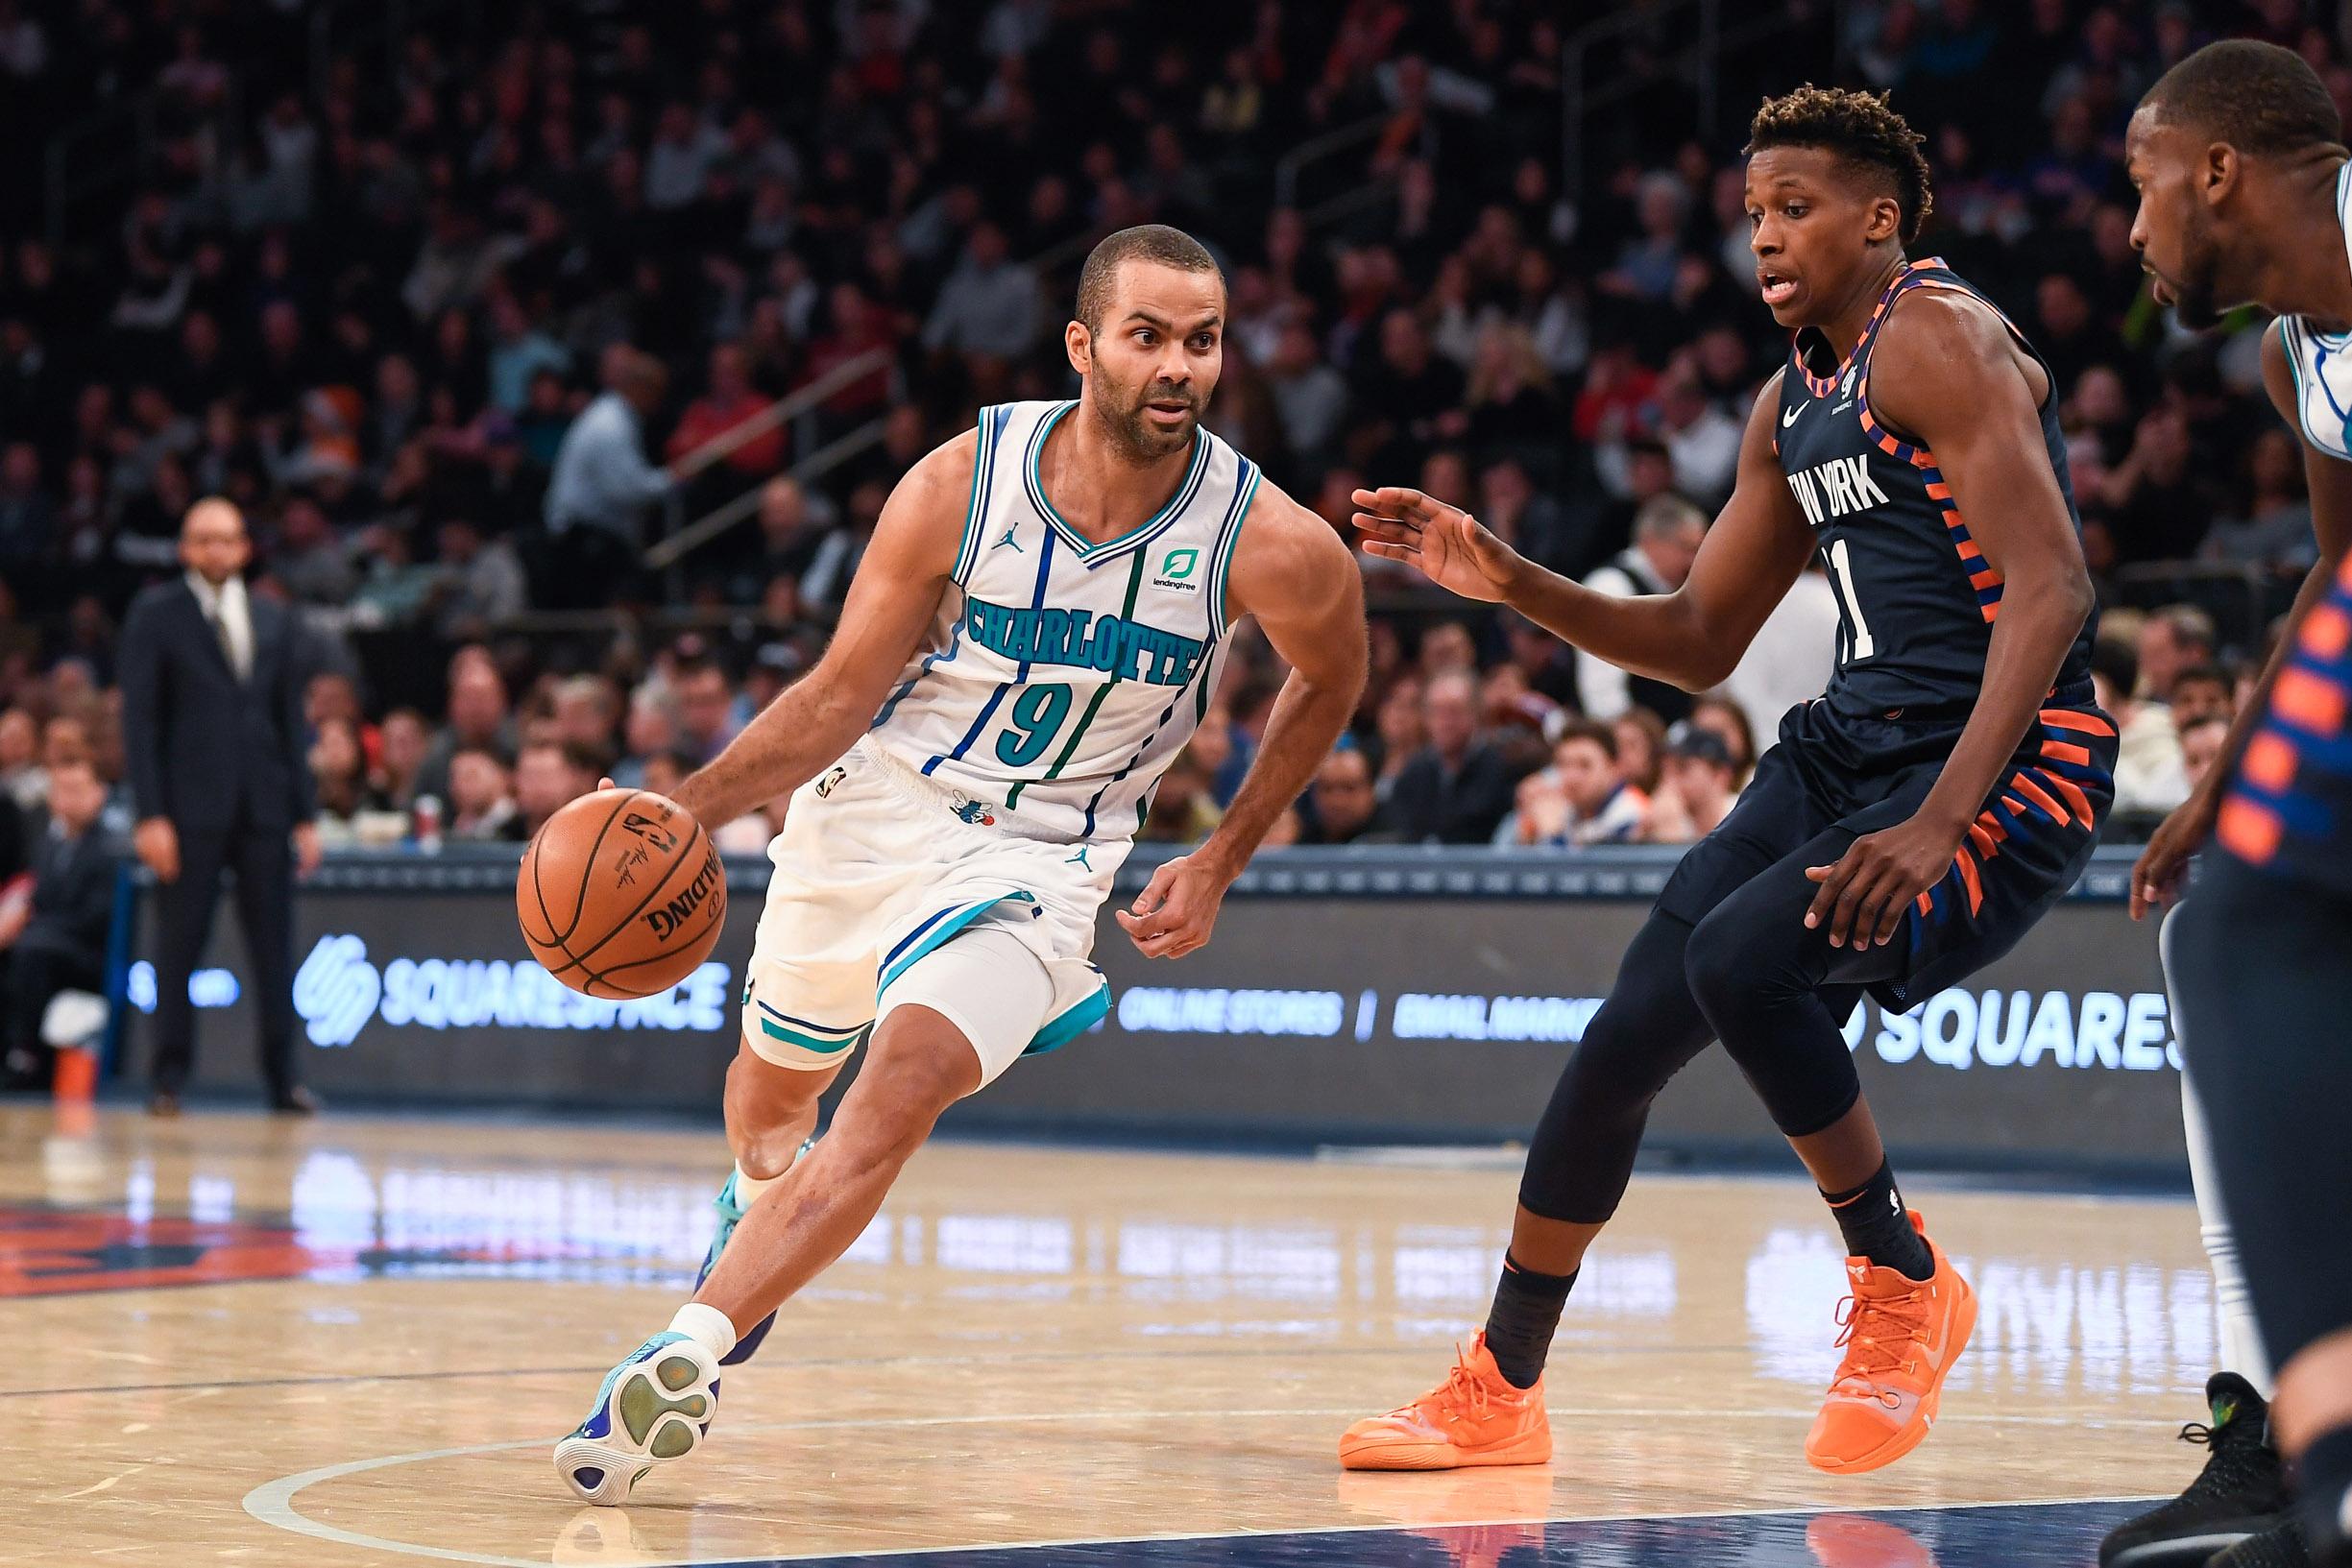 Basket - NBA - Parker et Ntilikina : l'expérience domine l'insouciance